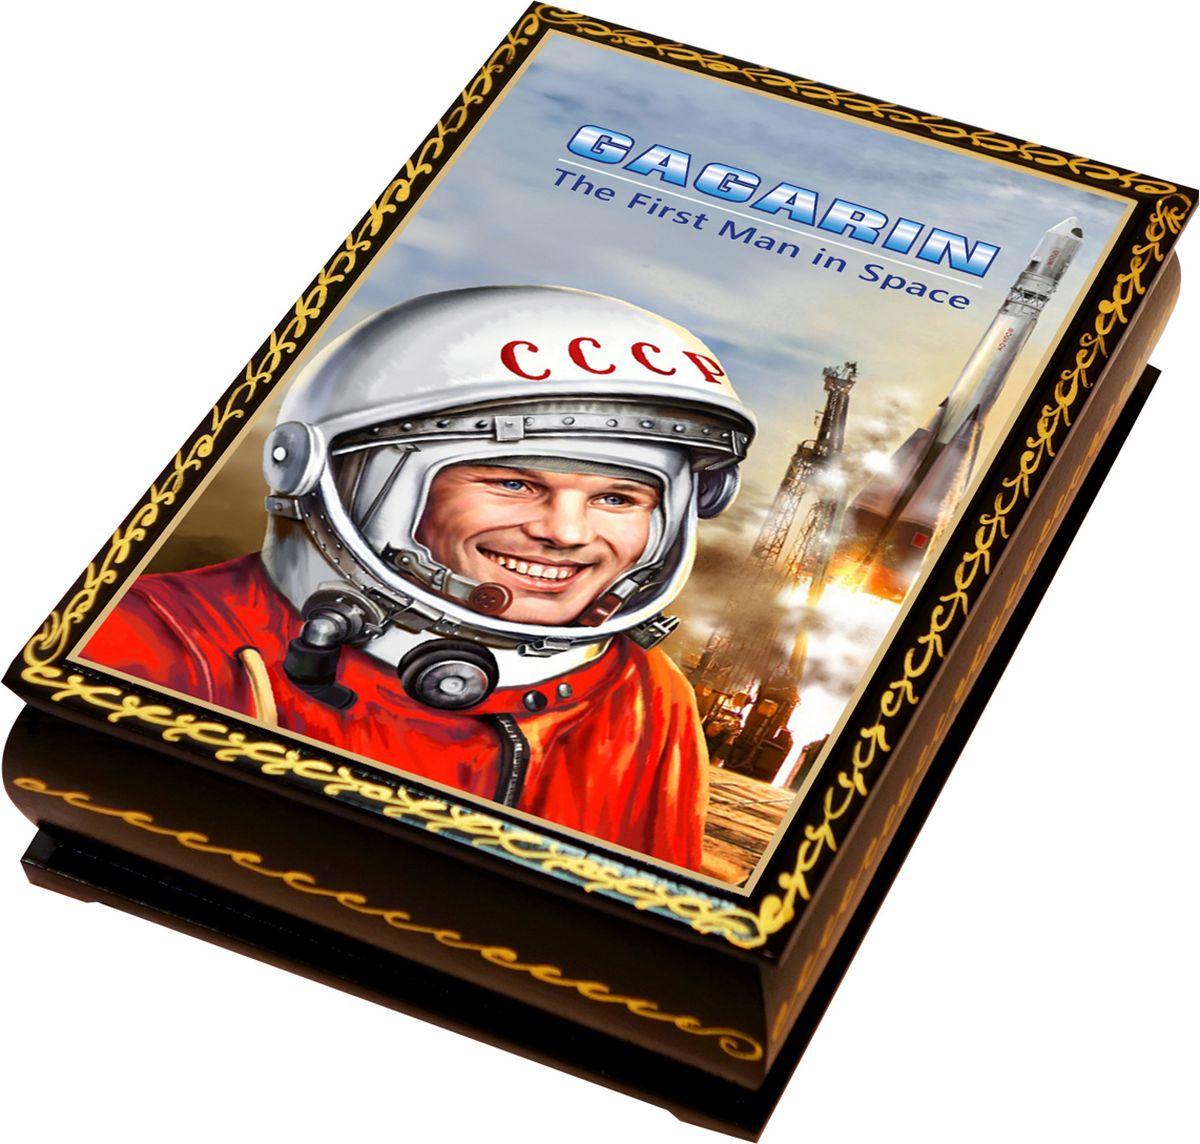 Кремлина Гагарин Ю. А. чернослив шоколадный с грецким орехом конфеты, 150 г кремл��на зимние забавы шкатулка подарочная 150 г